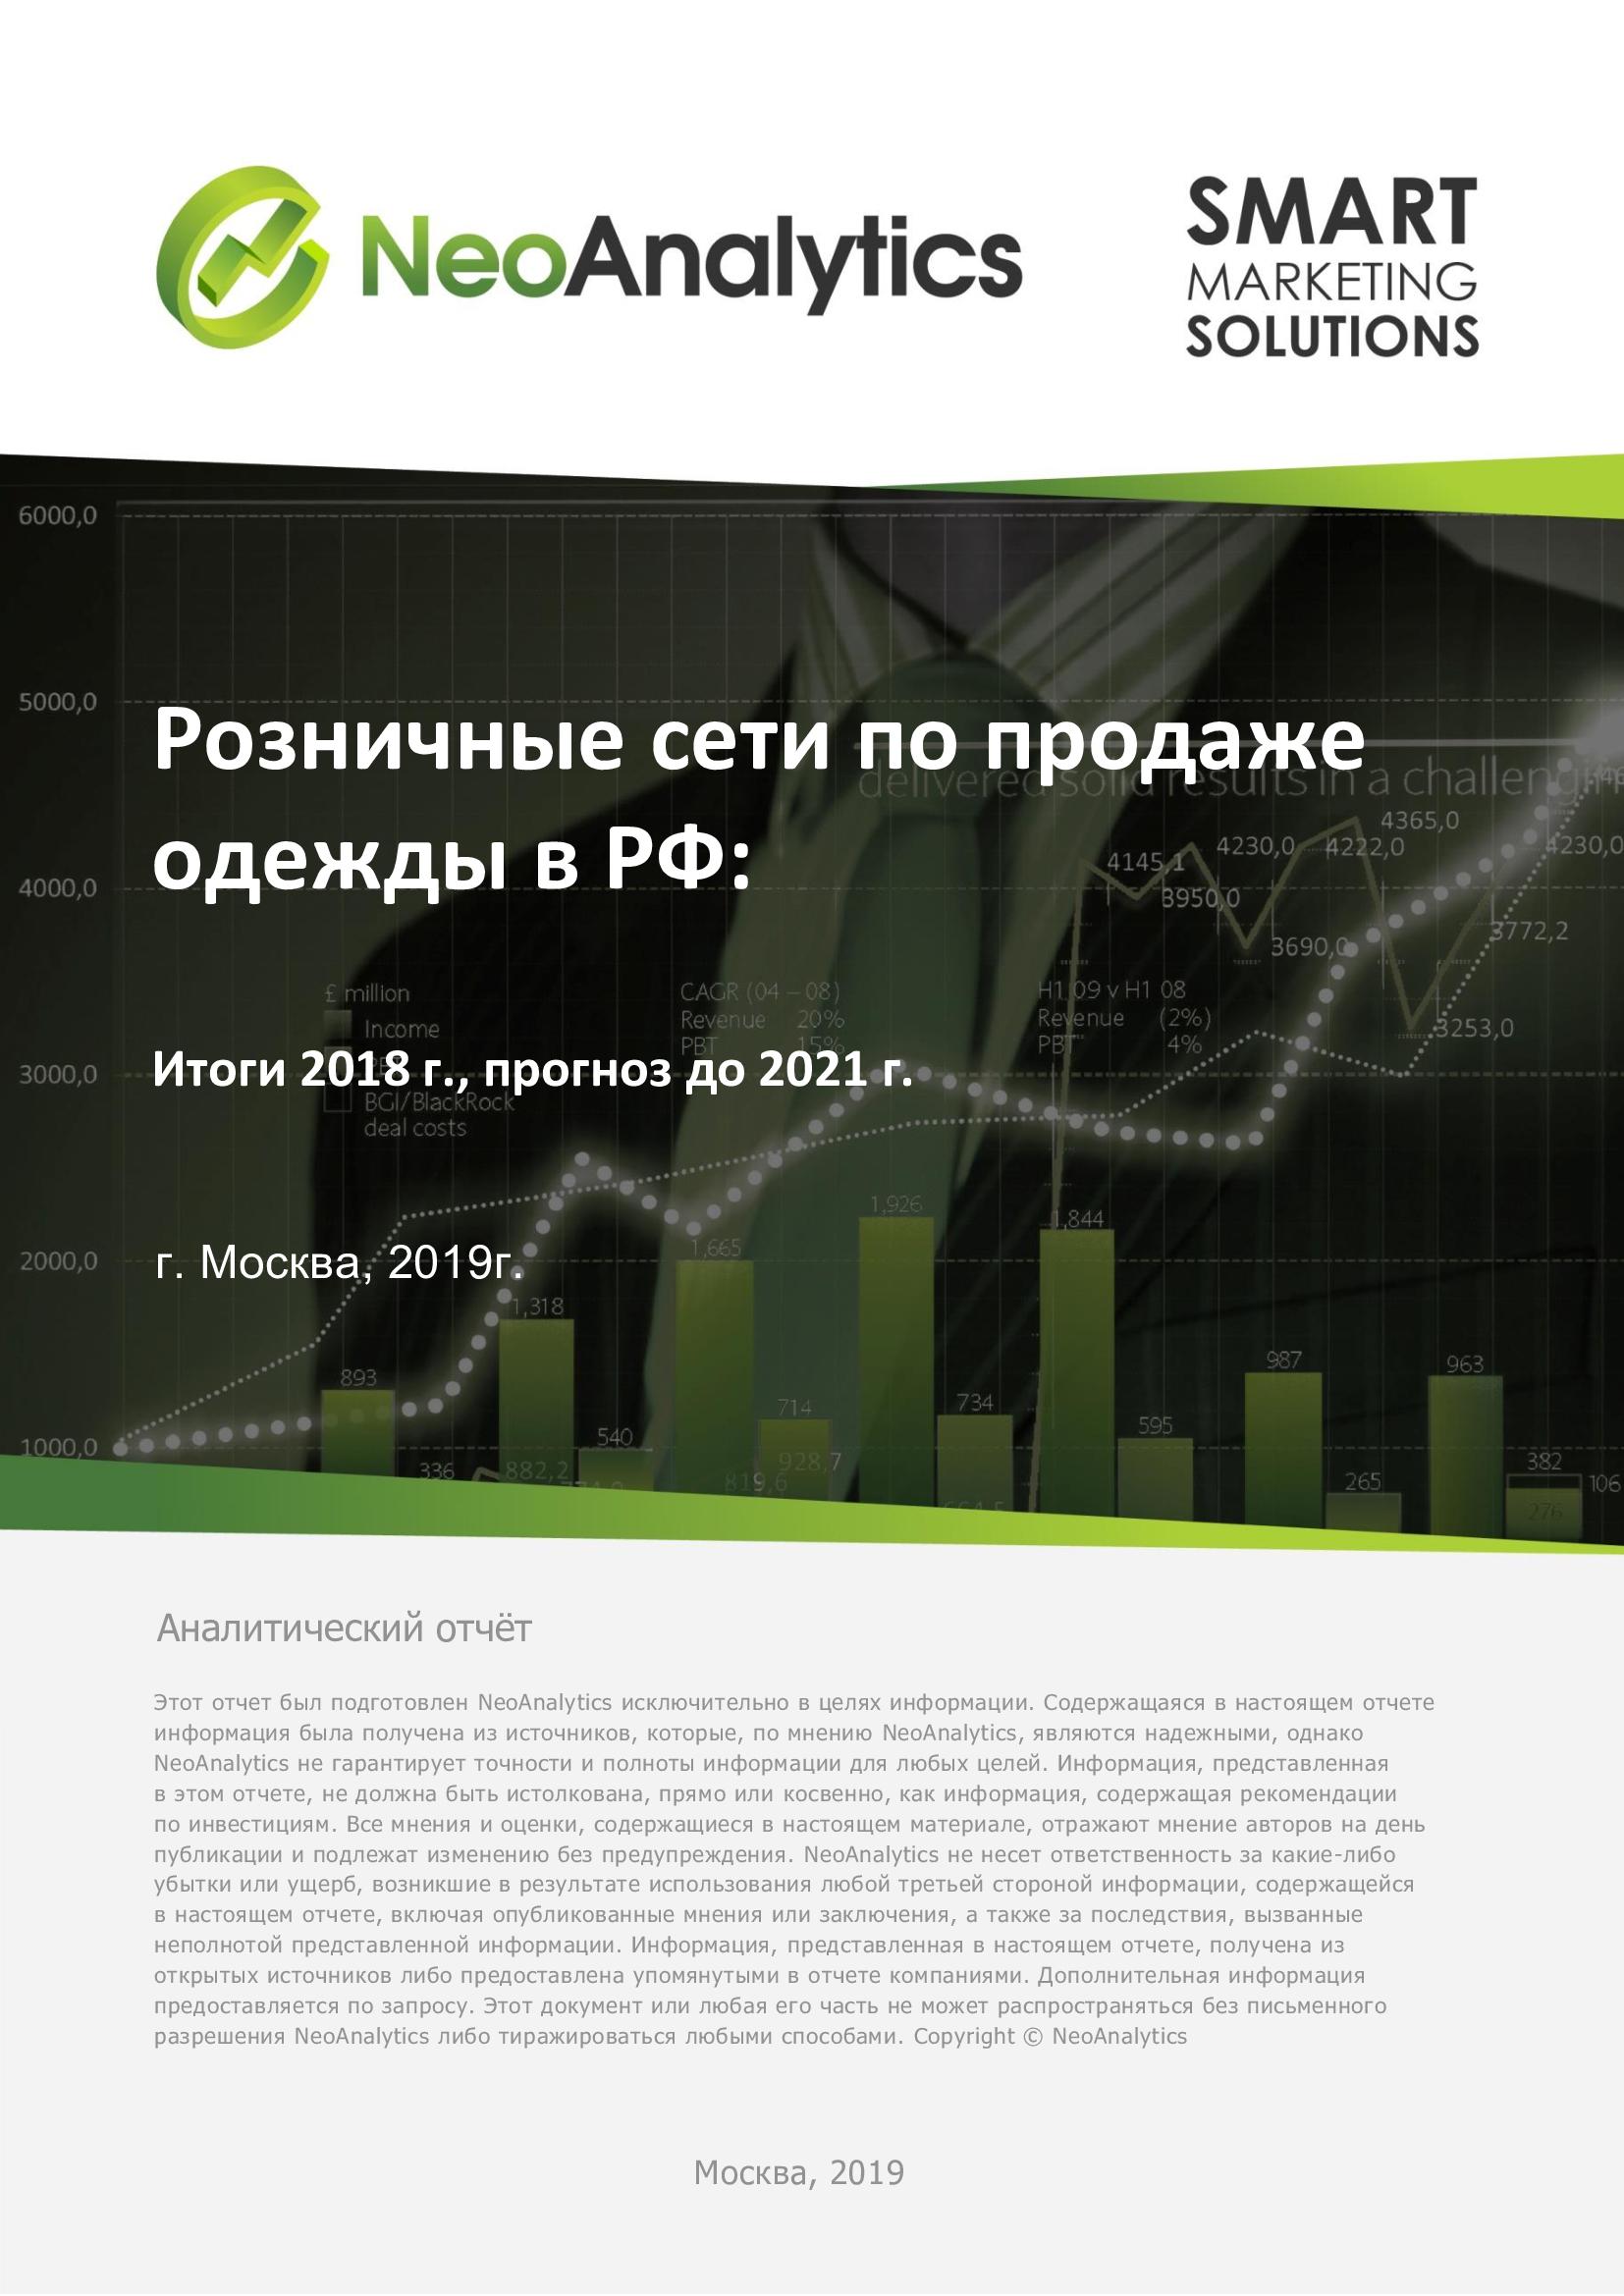 Розничные сети по продаже одежды в РФ: итоги 2018 г., прогноз до 2021 г.